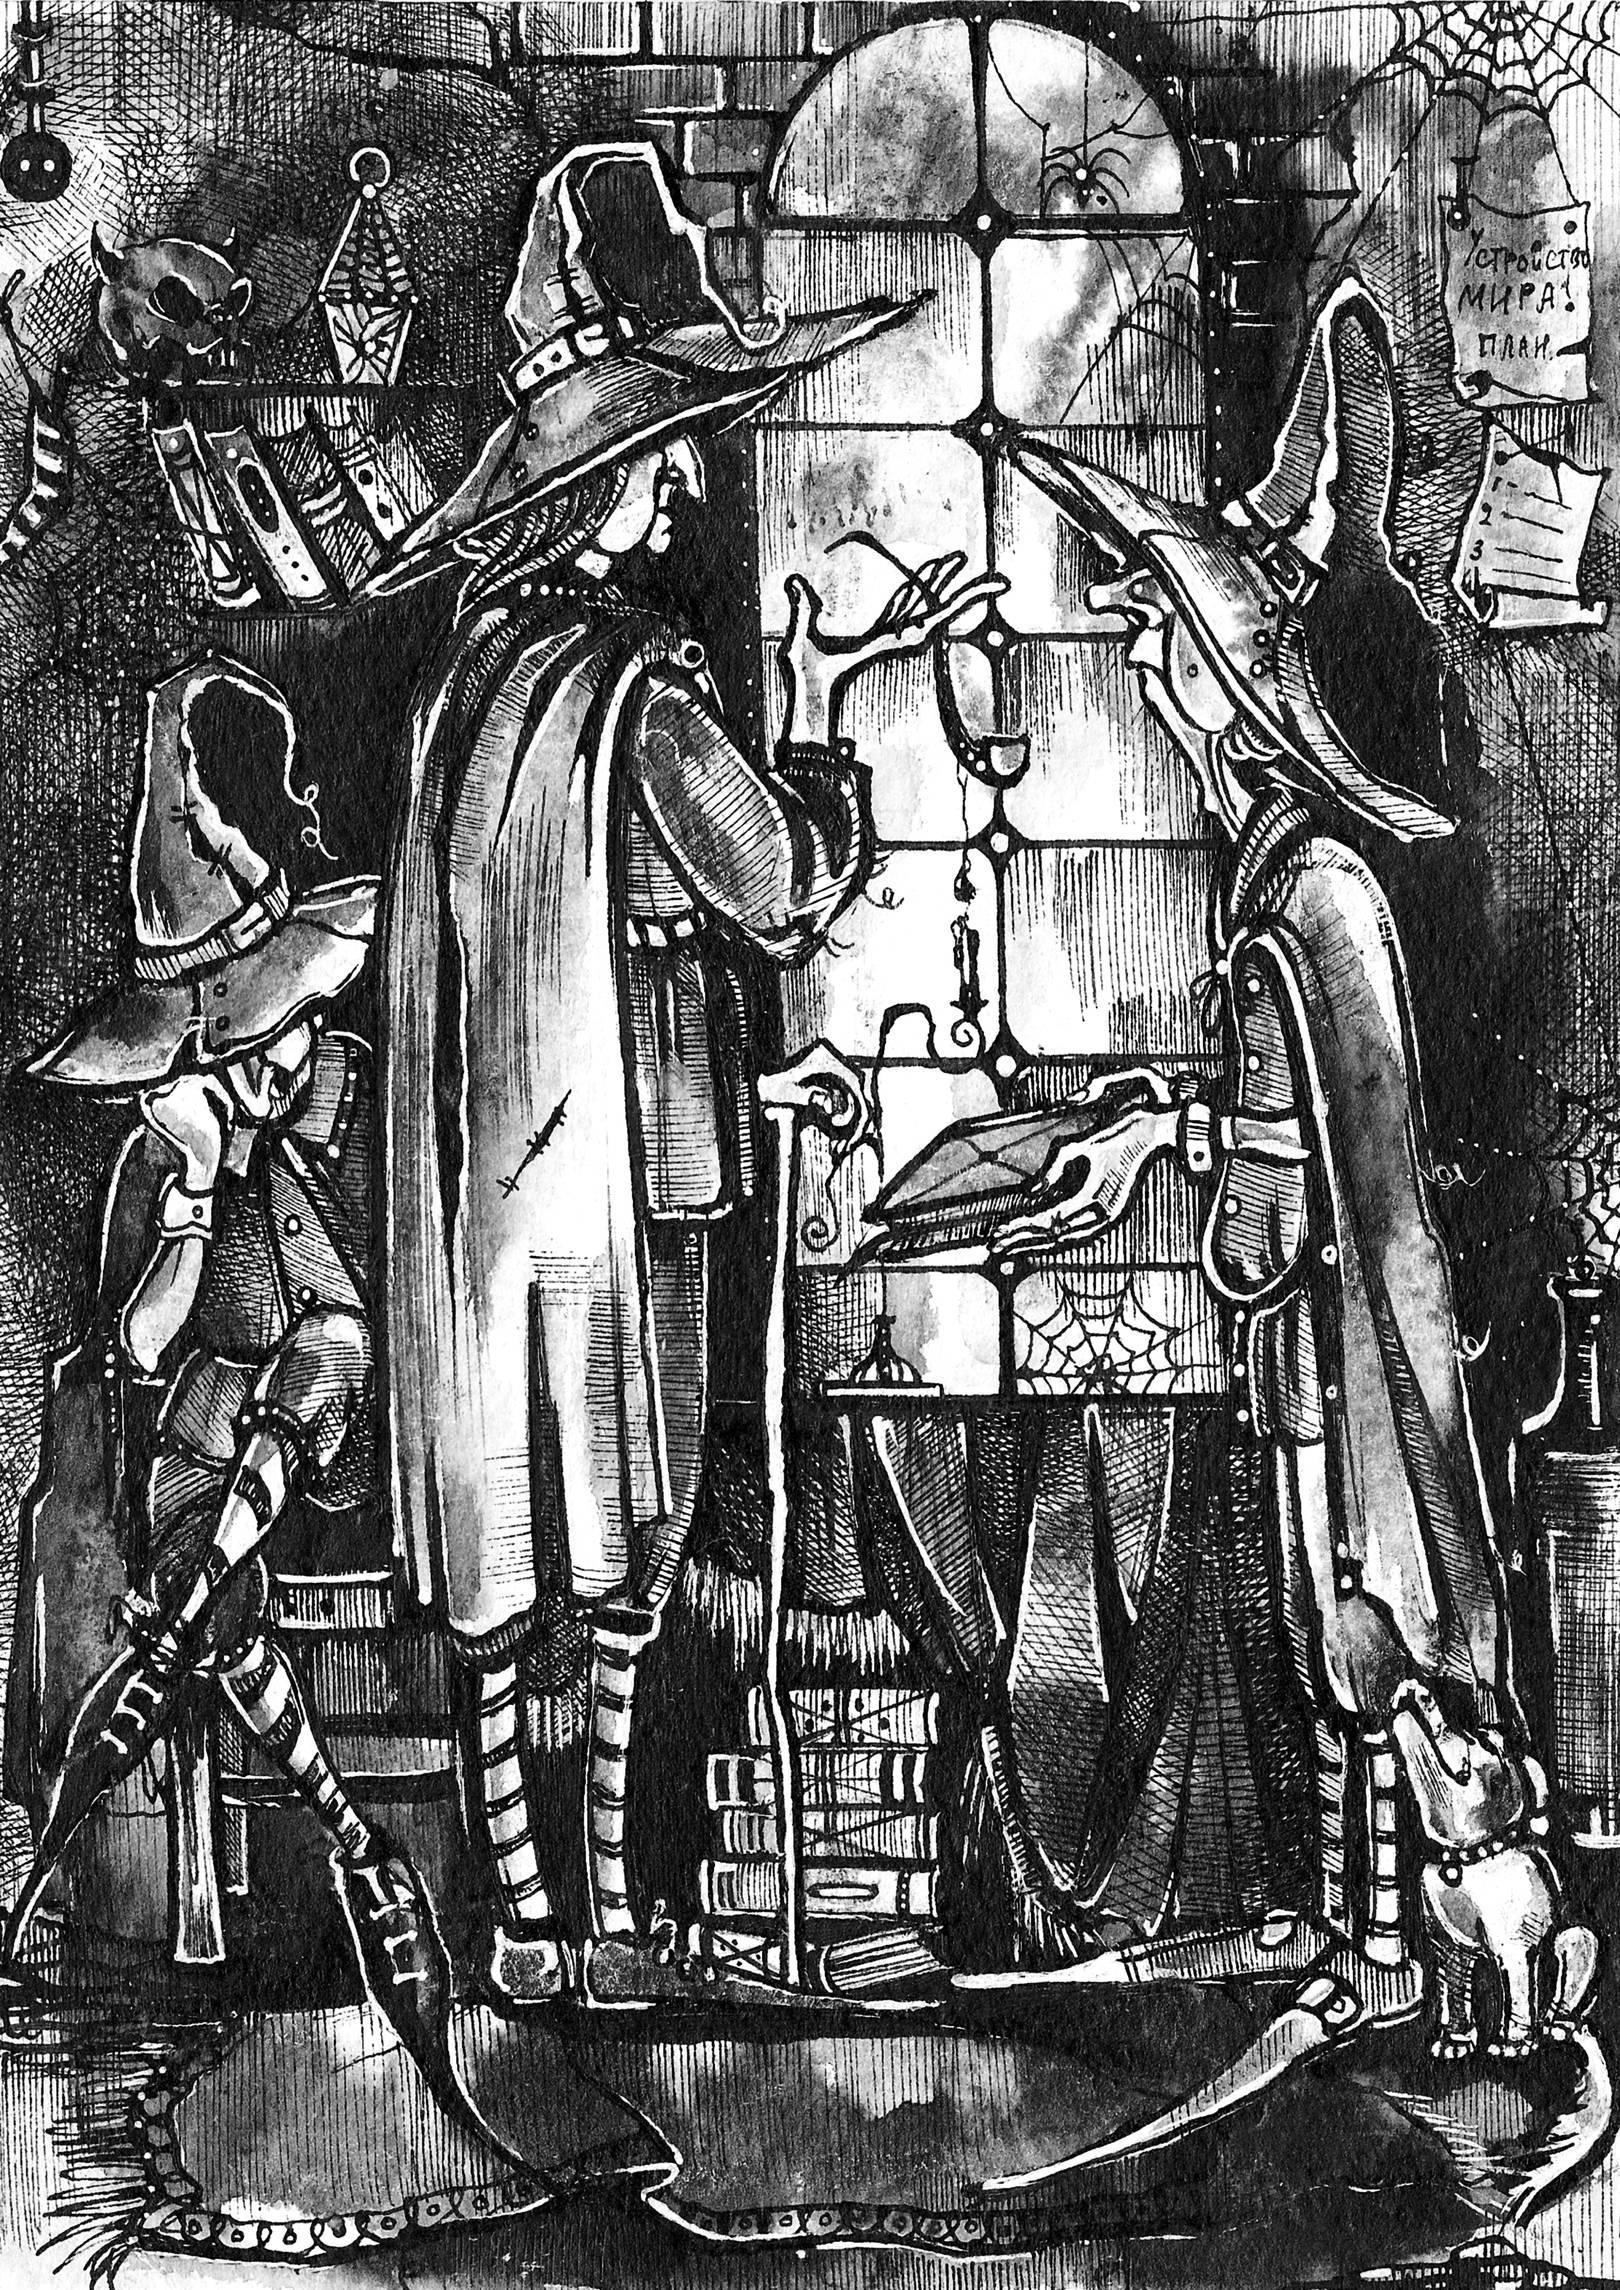 Иллюстрация к книге А. Краузе.